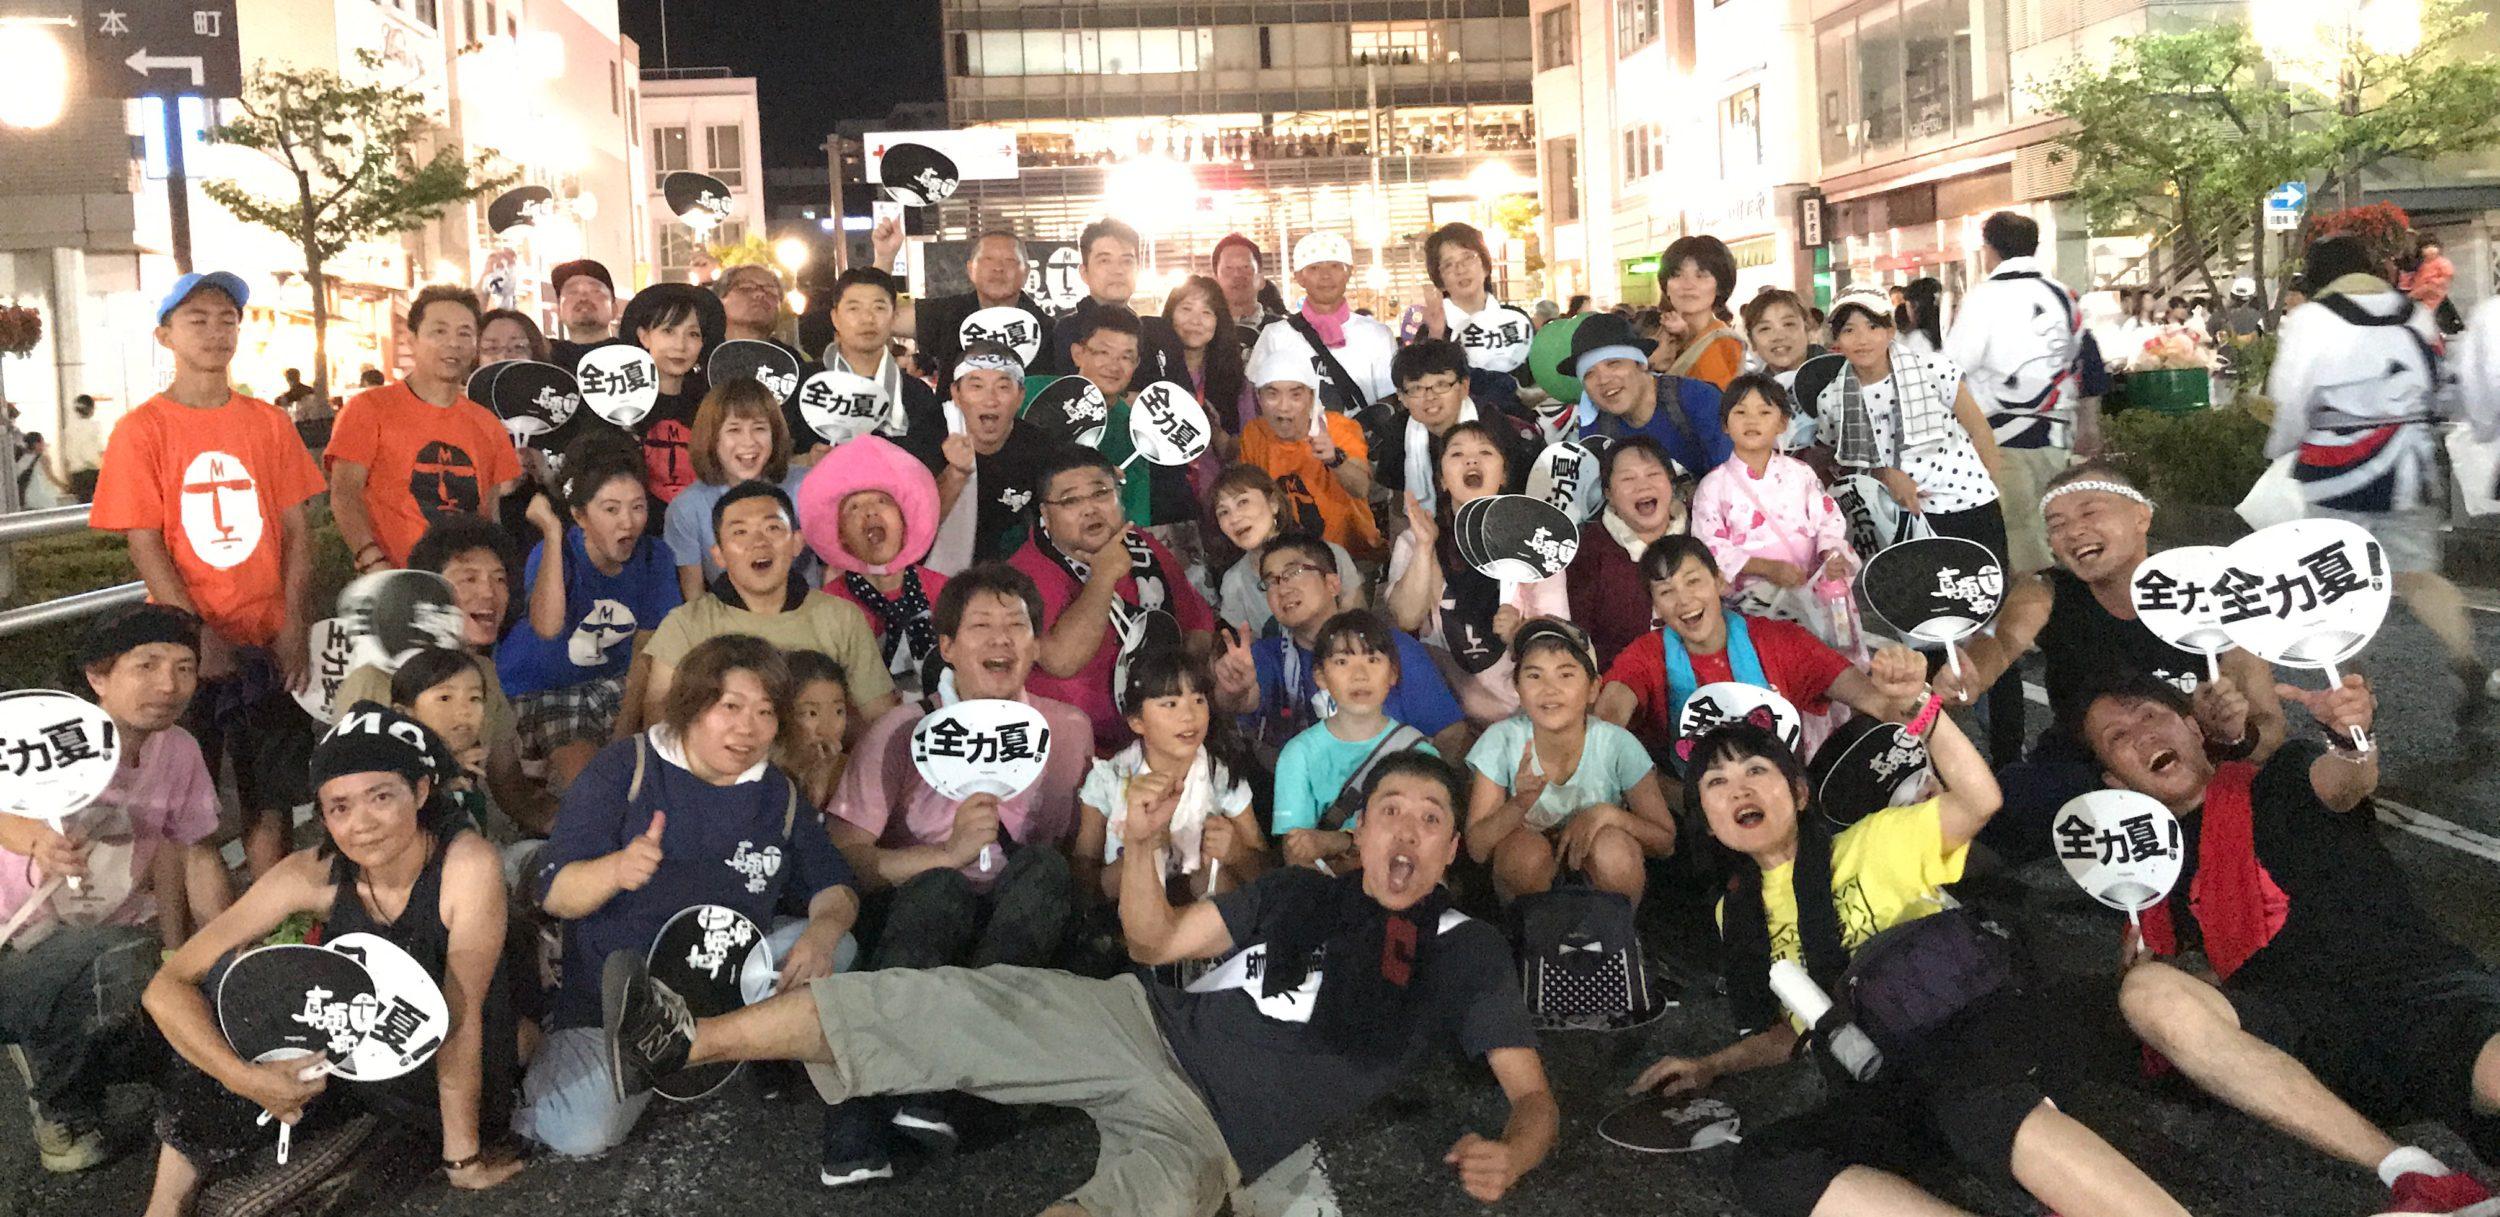 松本市の情報と人生を楽しむ方法満載|FULL POWER MIDDLE(フルパワーミドル)